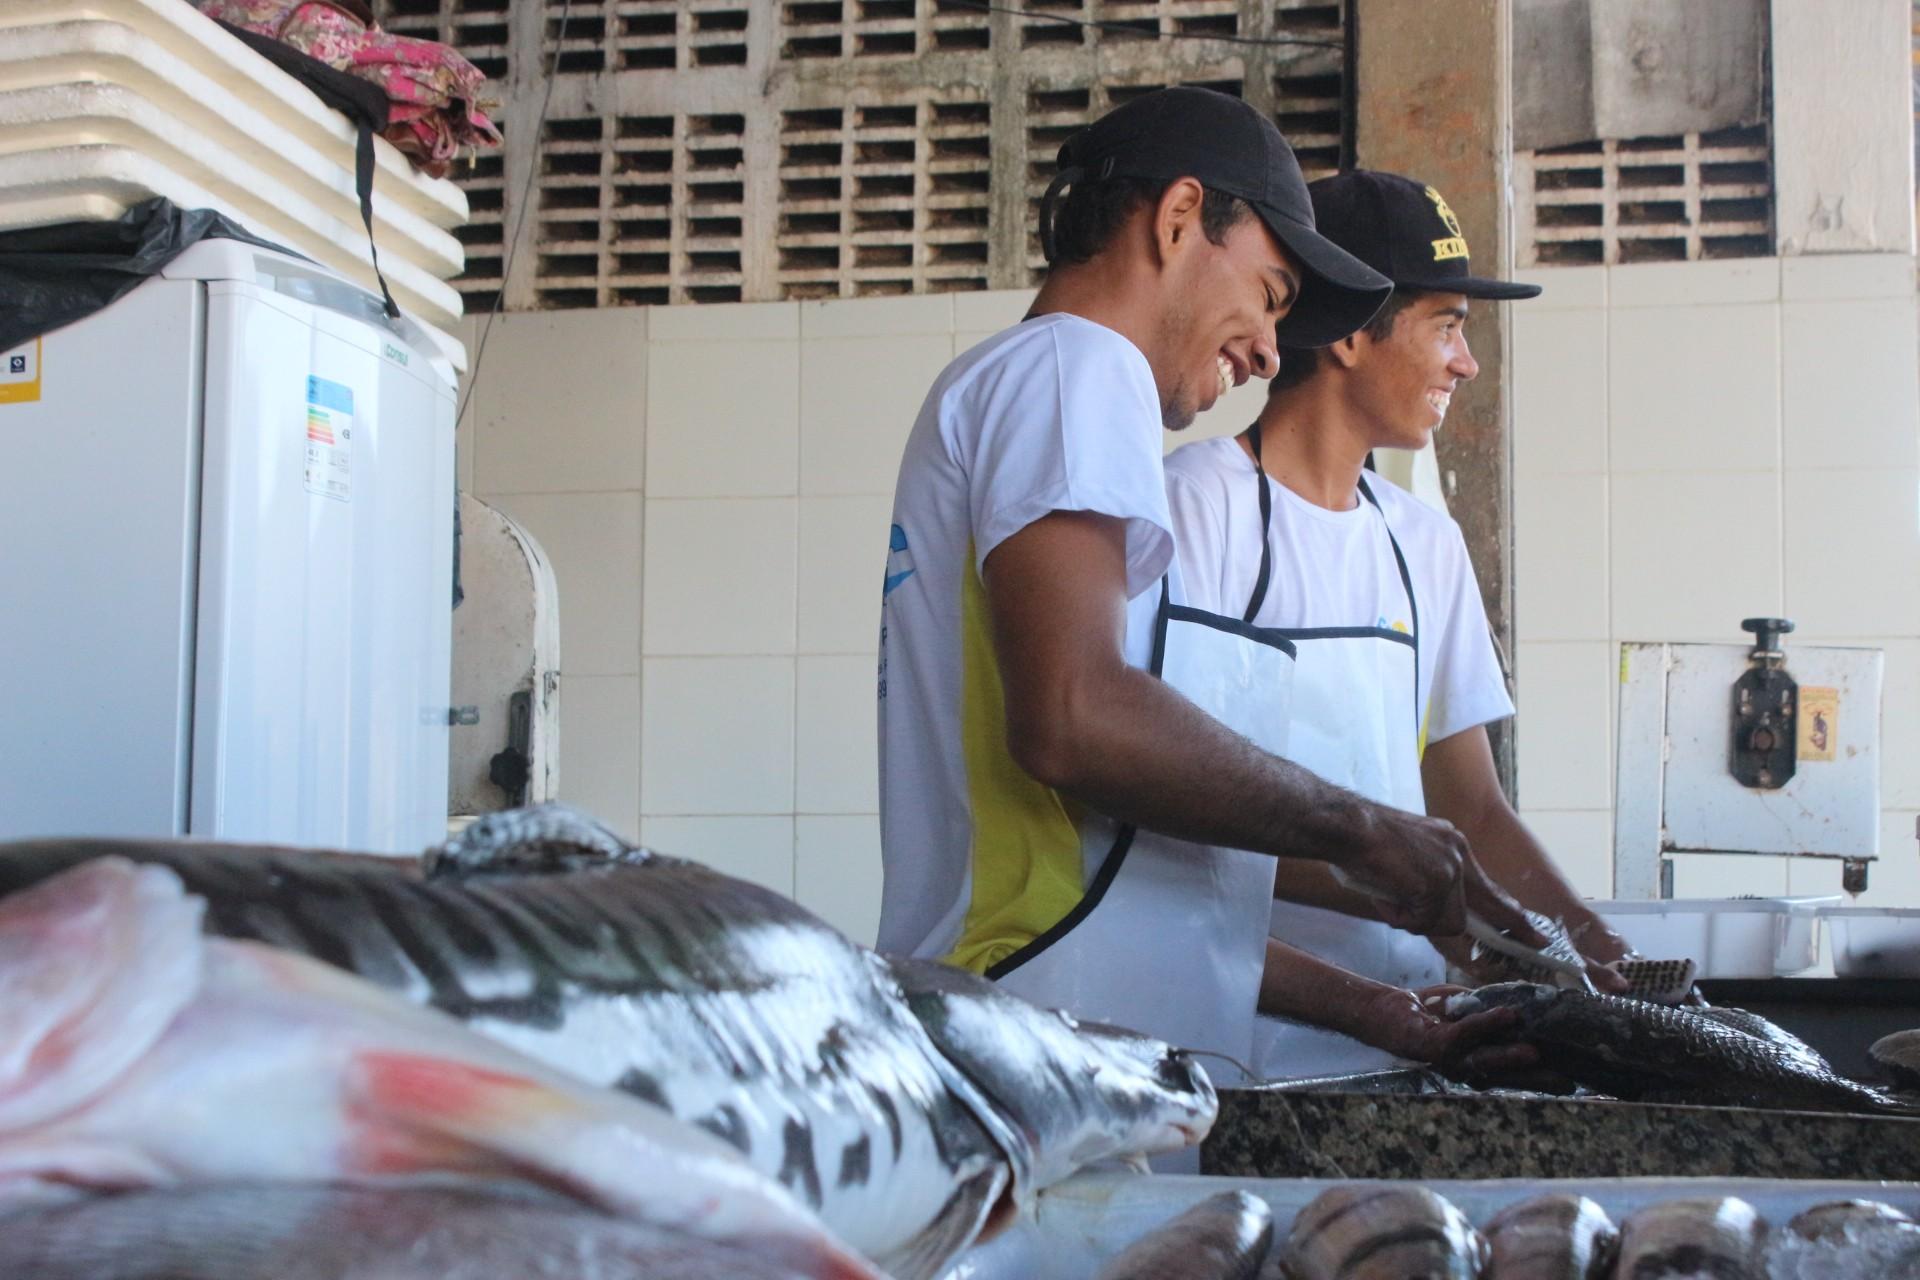 Preço do pescado apresenta queda pelo 4º mês consecutivo em Belém, aponta Dieese/PA - Notícias - Plantão Diário